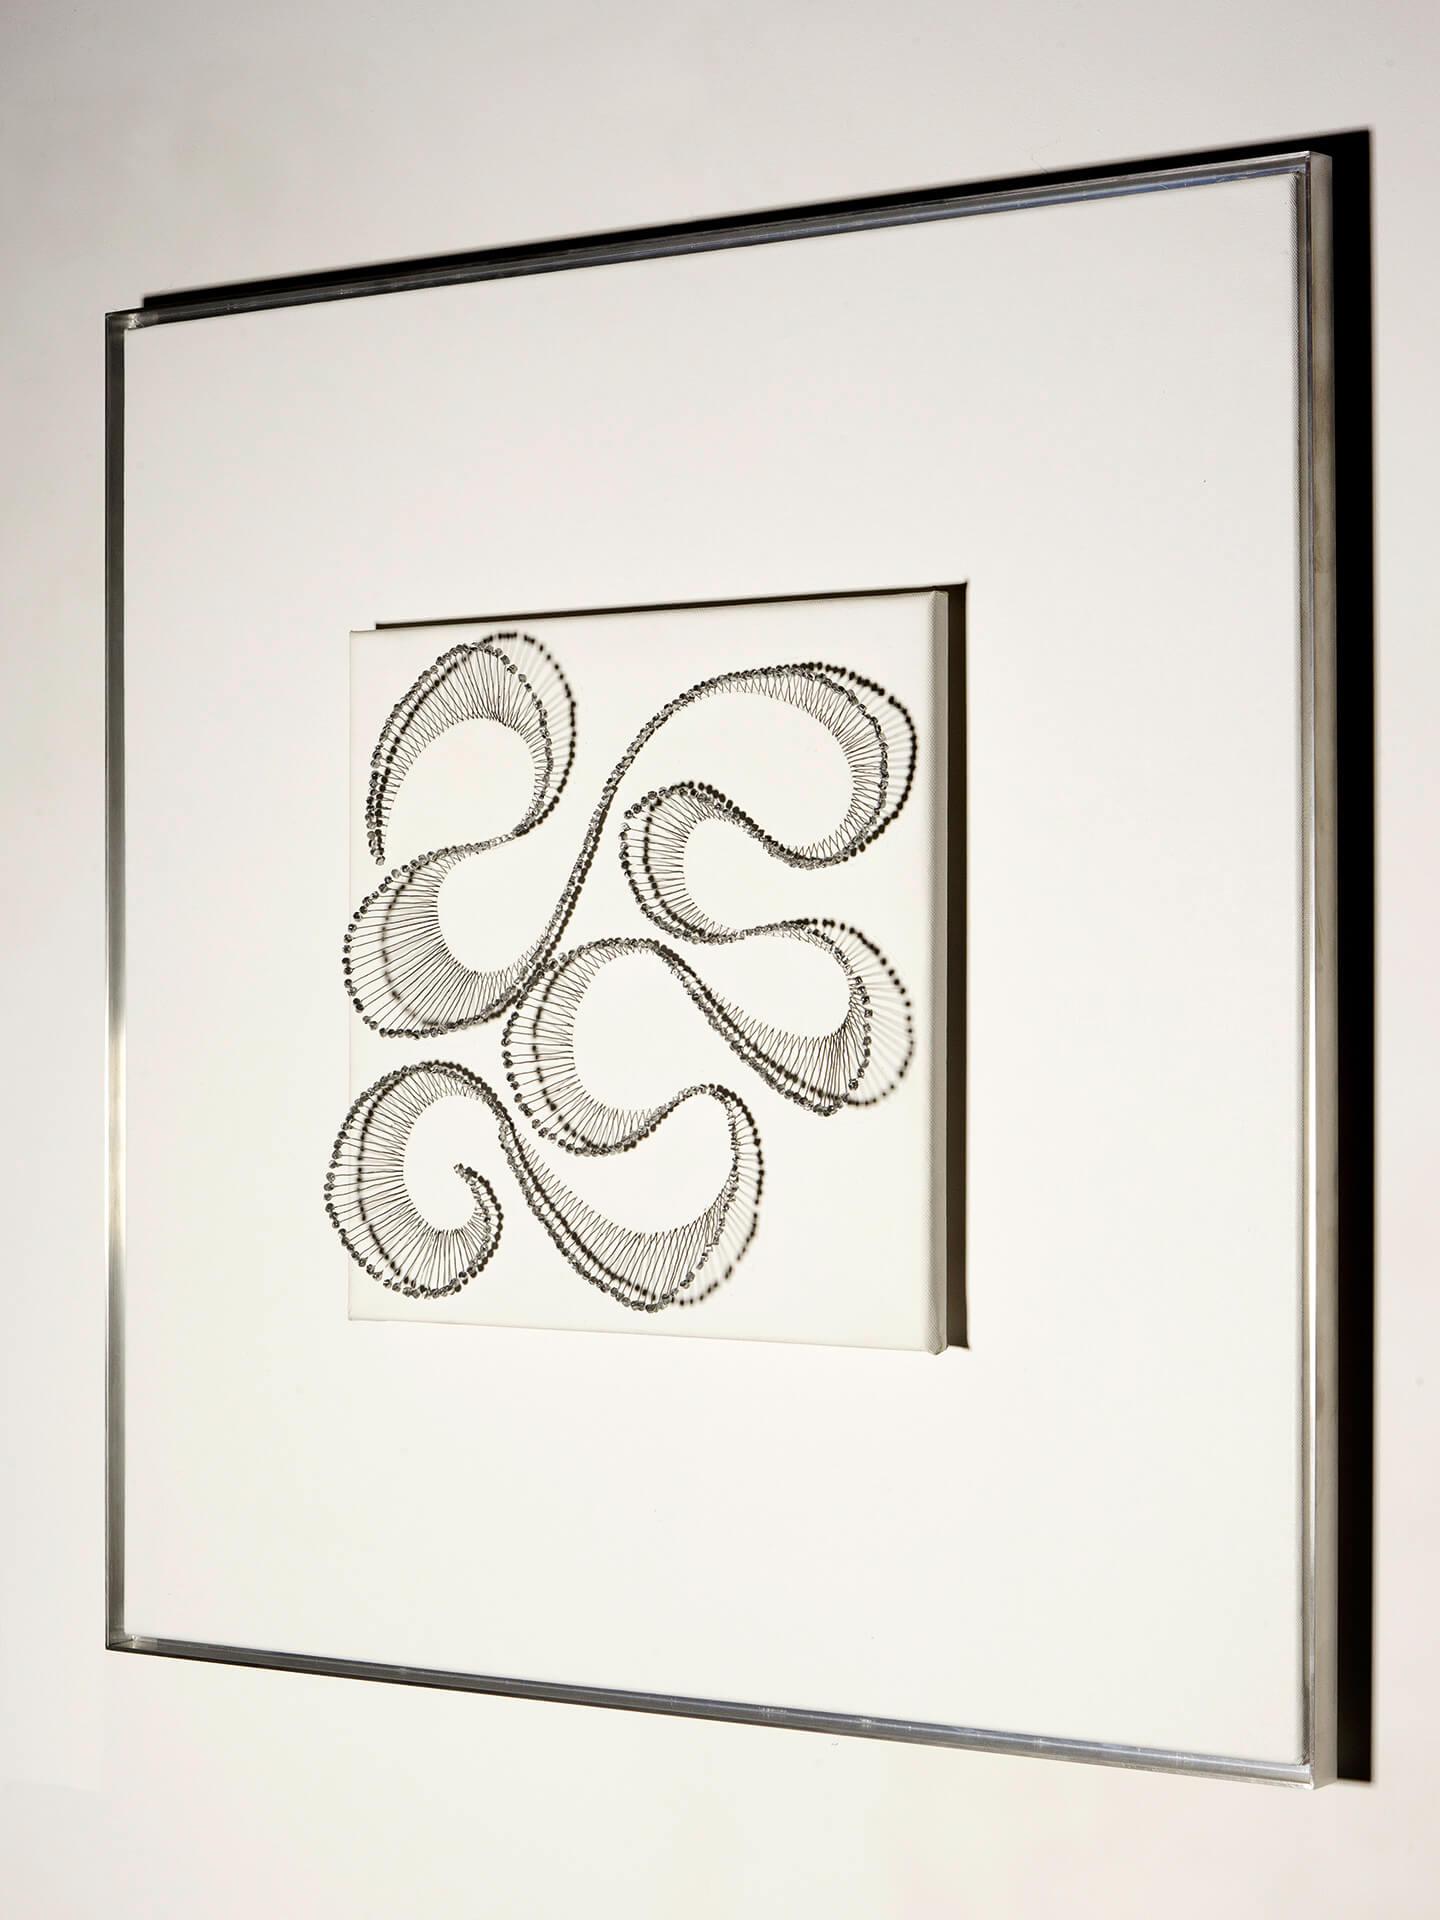 Tatzelwurm, 2009, Flaschenkork, Draht, Autolack auf Leinwand, Aufnahme mit Kunstlicht